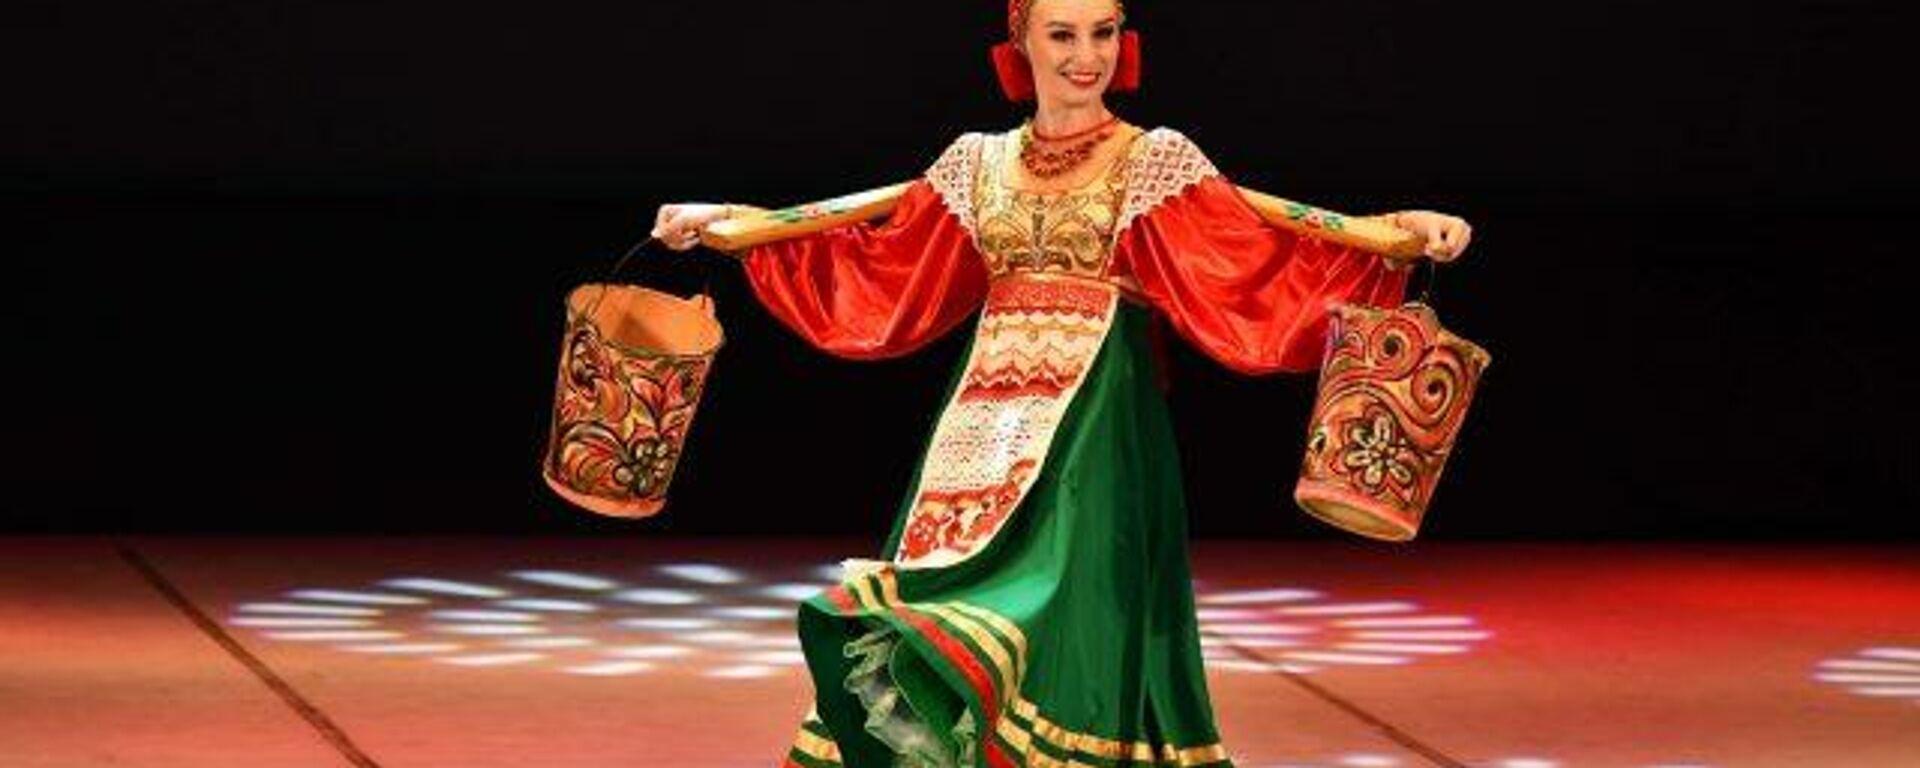 Концерт по случаю Дней культуры России в Таджикистане - Sputnik Таджикистан, 1920, 26.06.2021